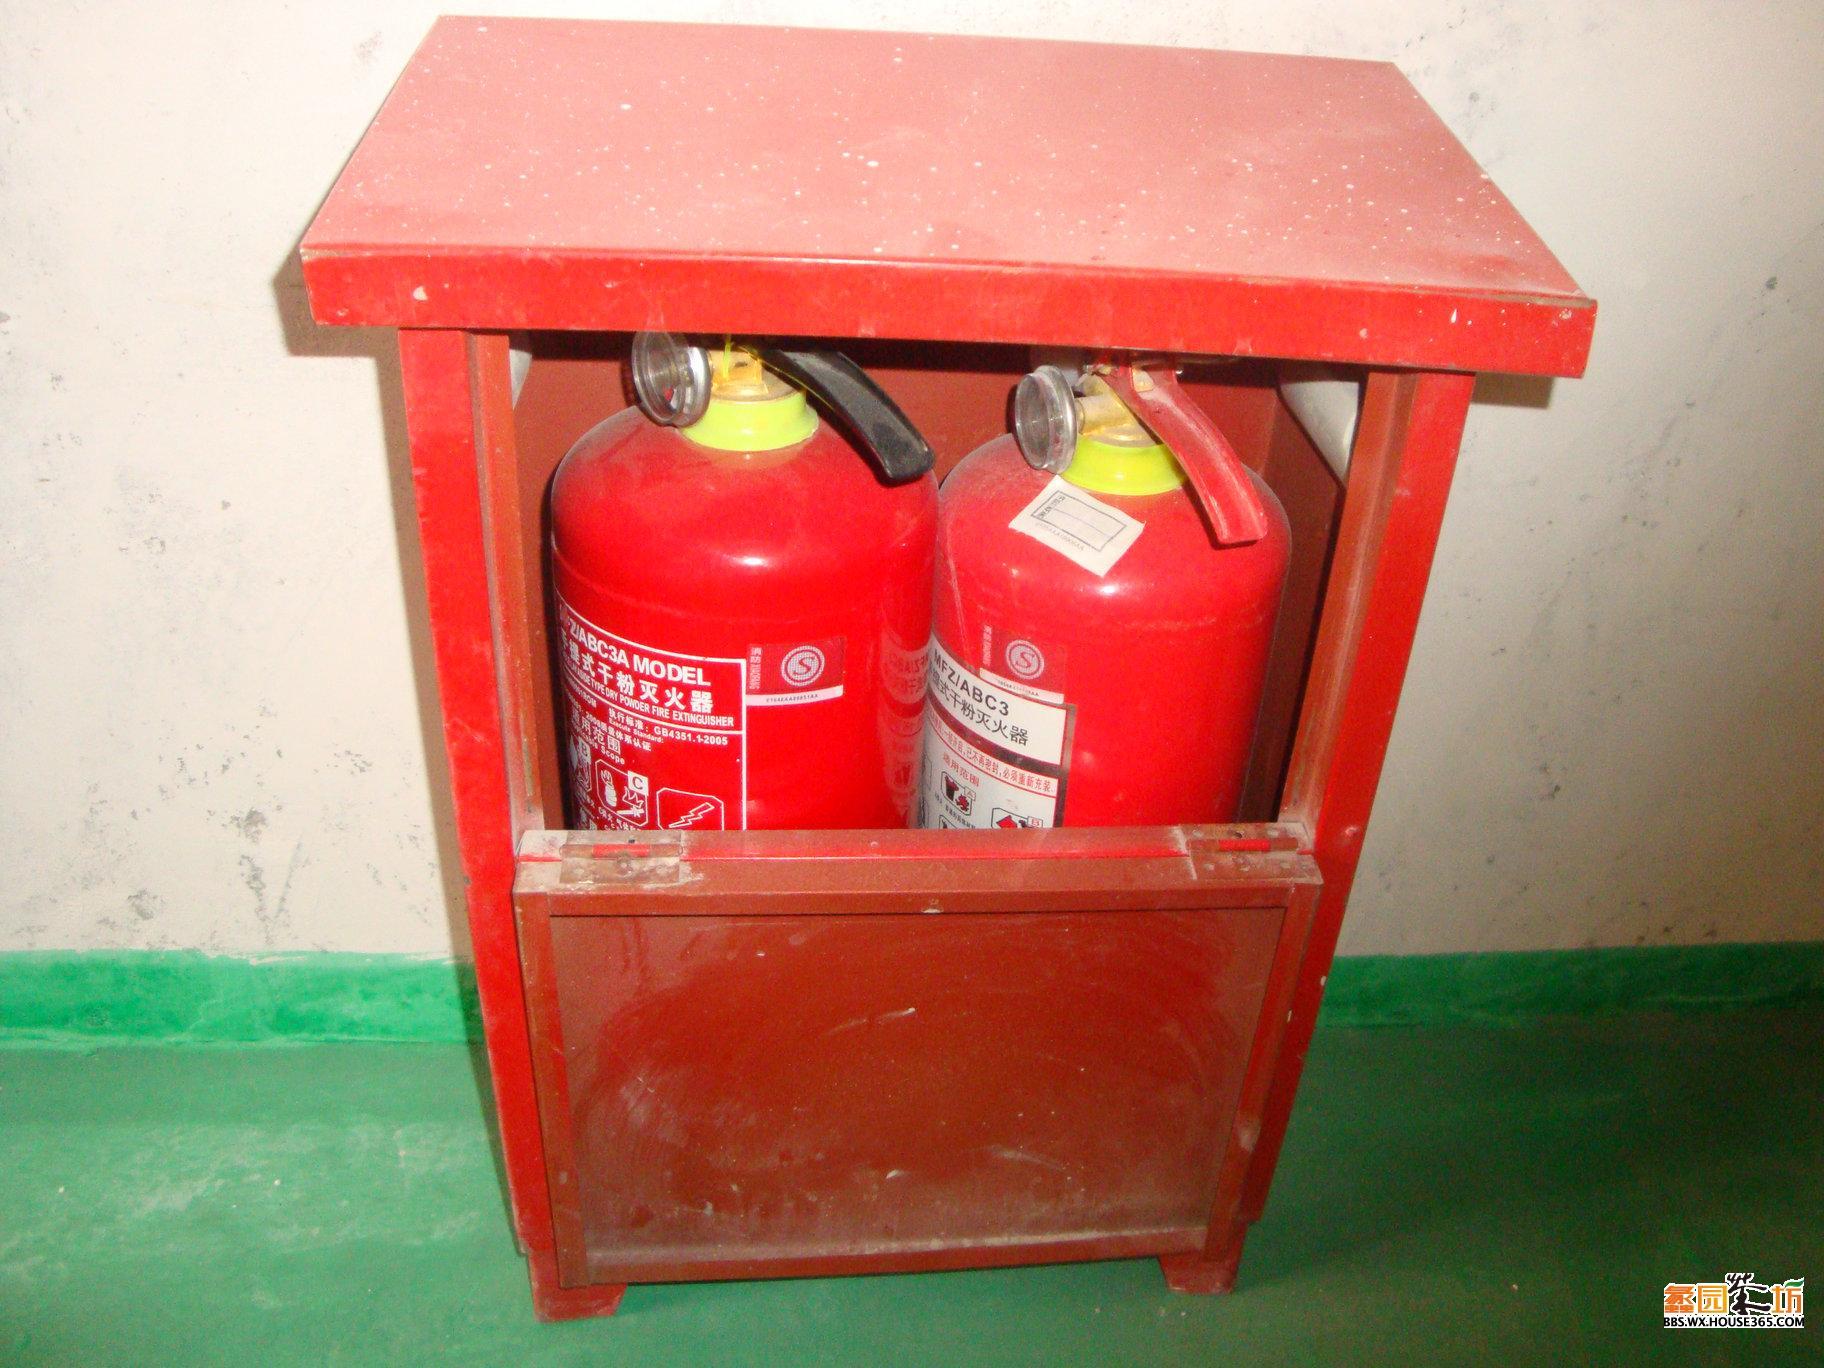 消防干粉灭火器,便携式灭火器批发